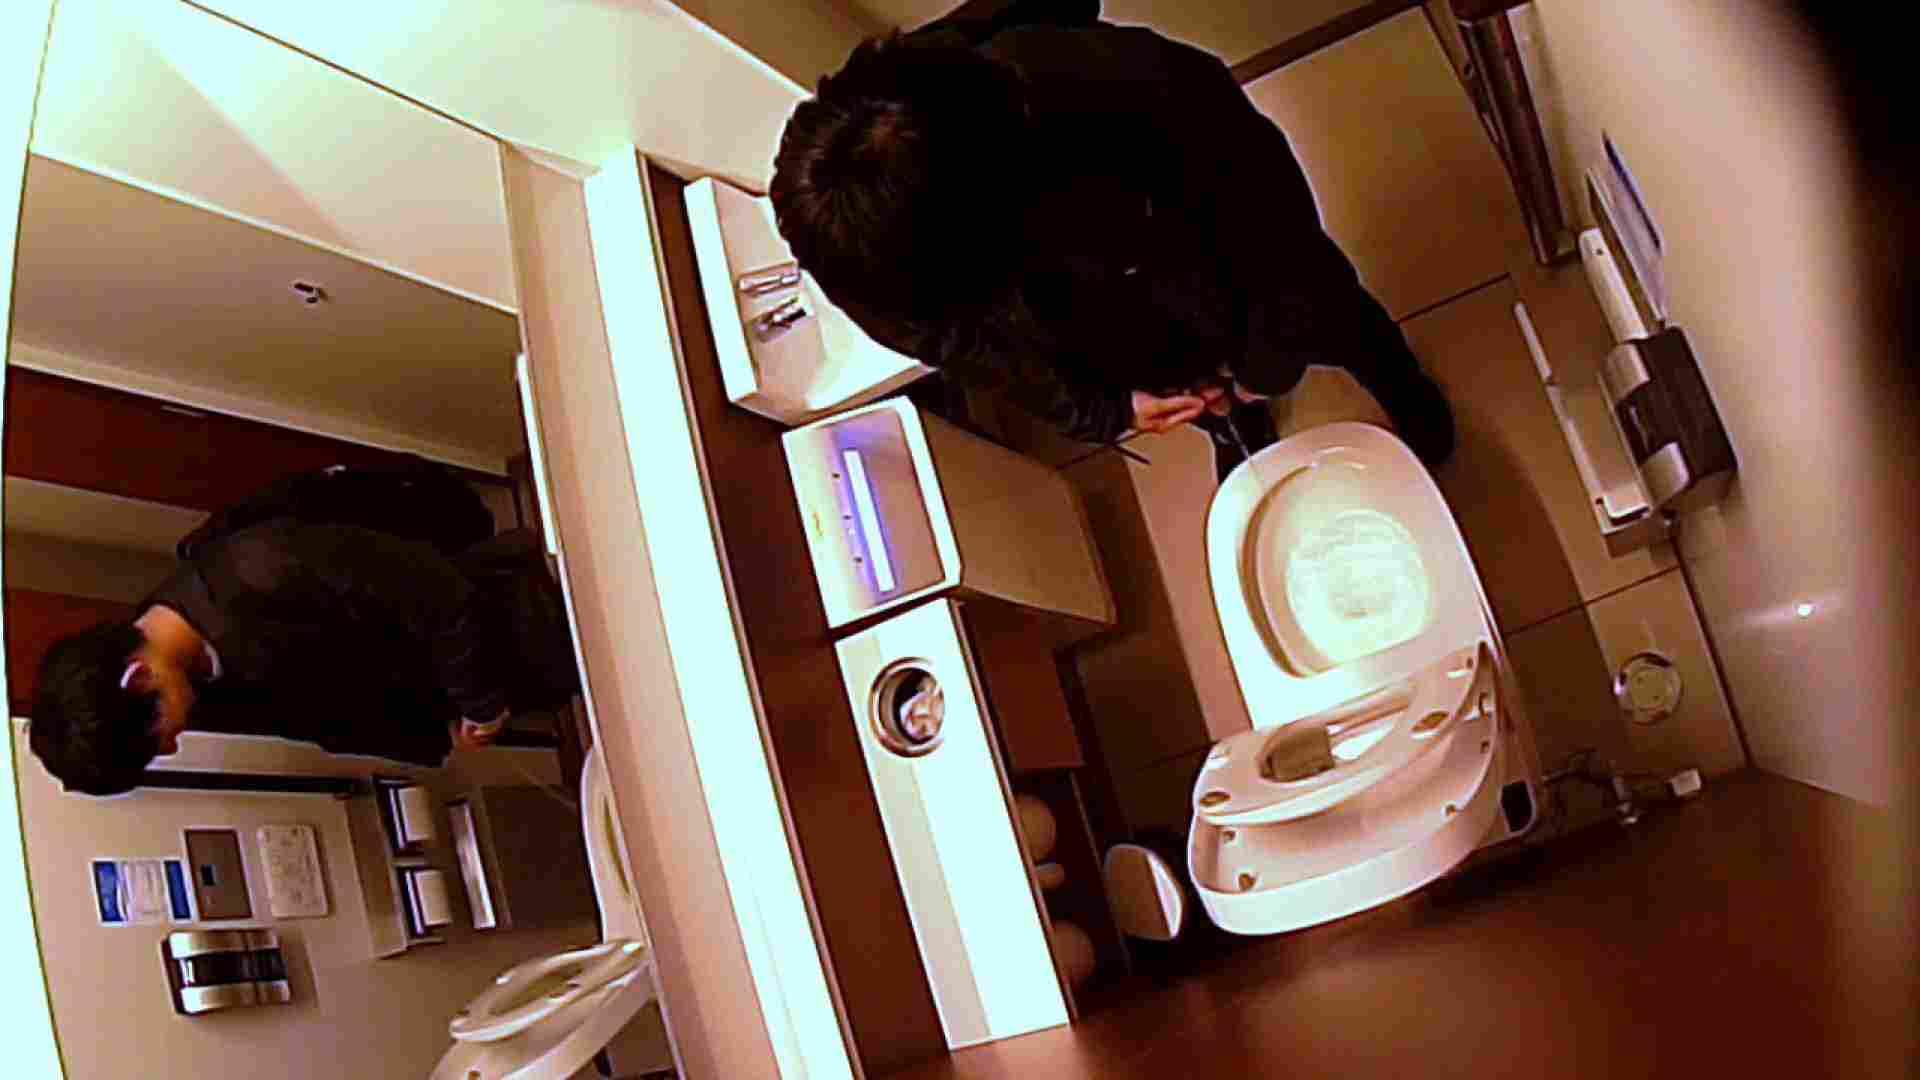 すみませんが覗かせてください Vol.32 トイレ | 0  102pic 65